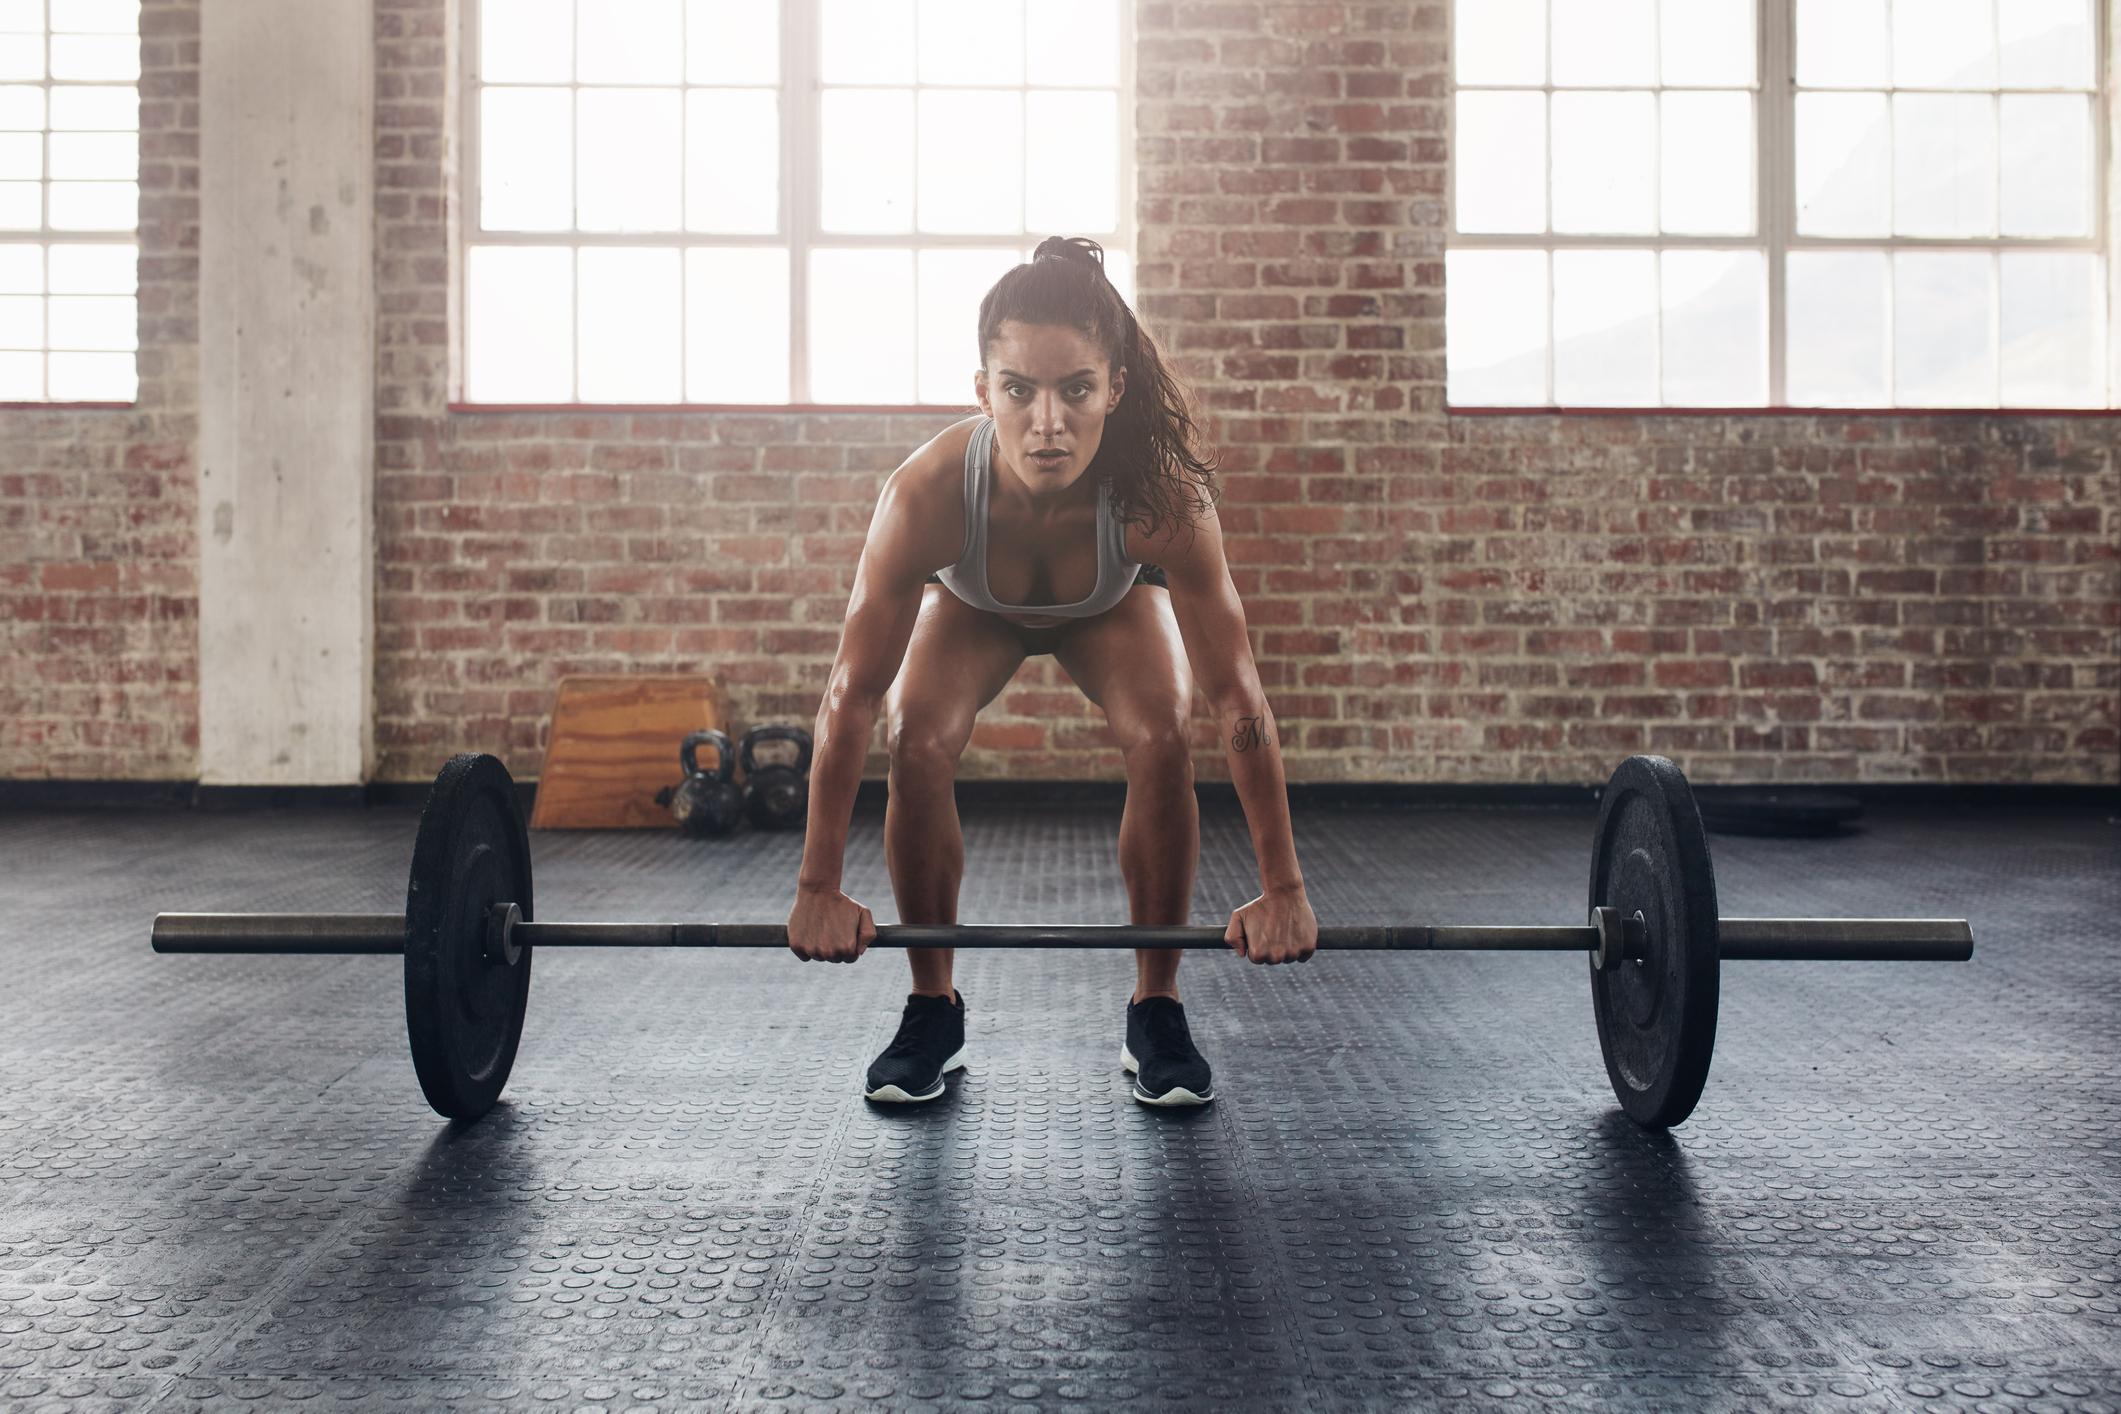 5 міфів про підняття великої ваги, в які потрібно перестати вірити жінкам